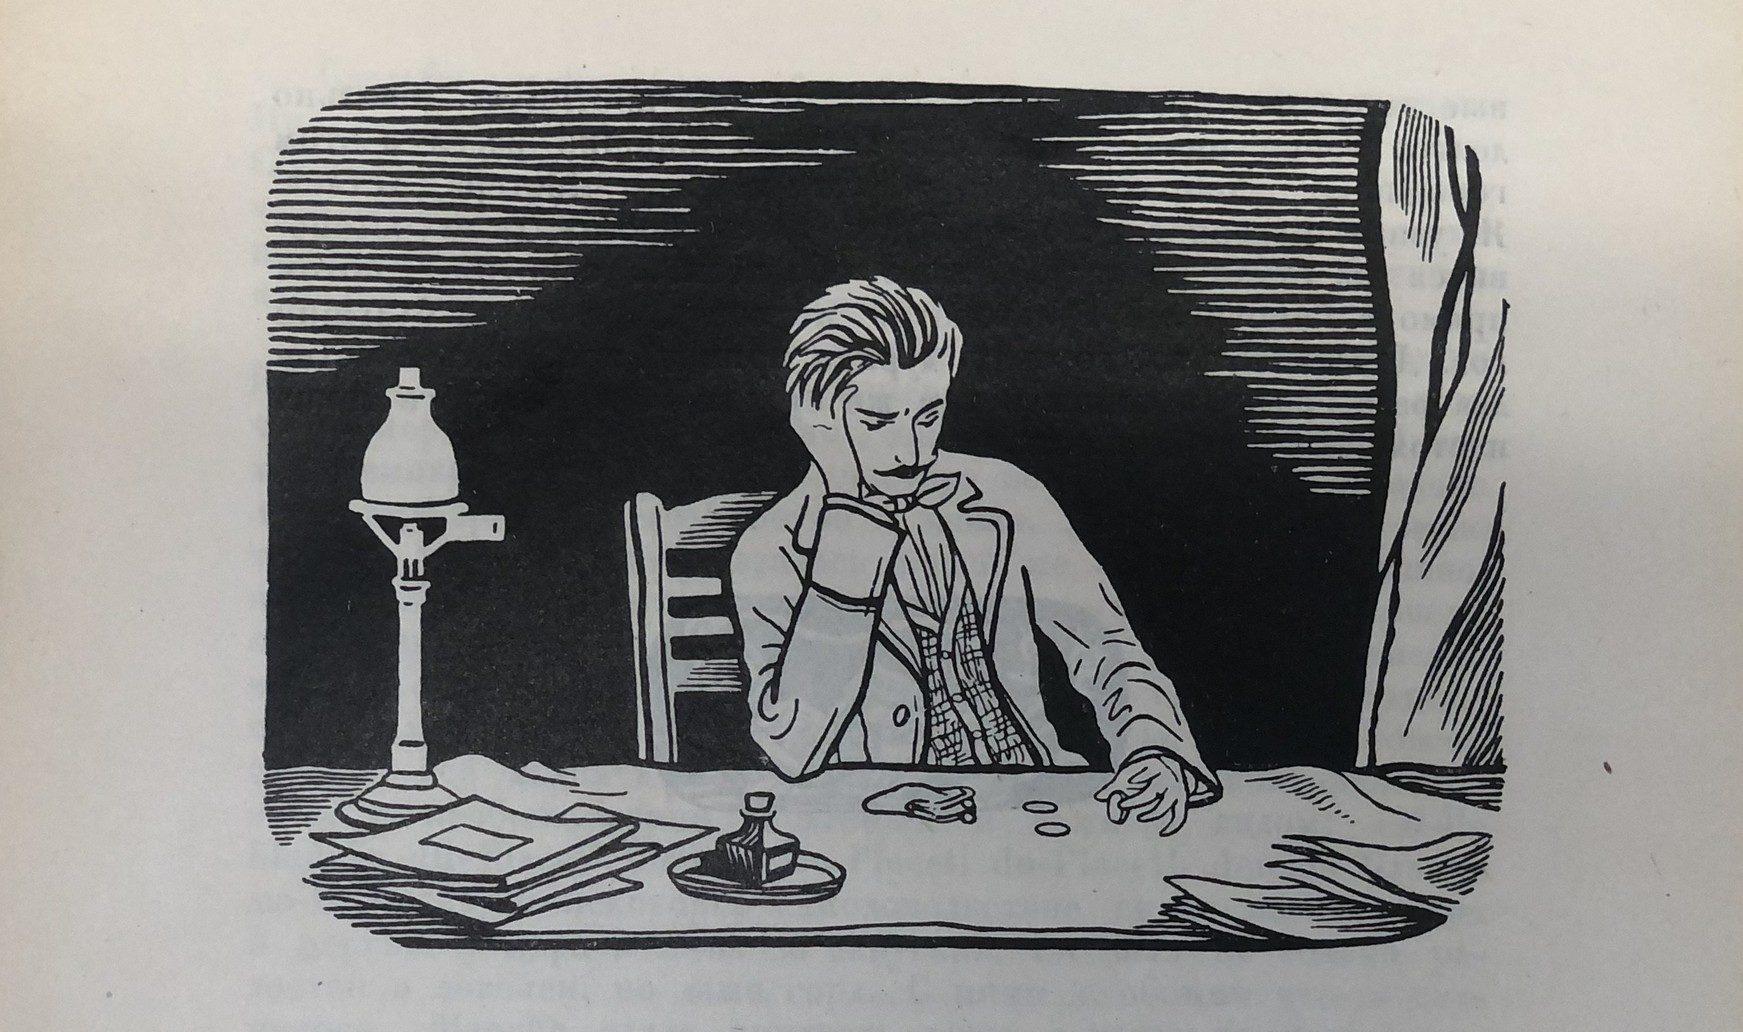 Выставка «200 лет со дня рождения Ф. М. Достоевского» в Библиотеке № 186 – события на сайте «Московские Сезоны»